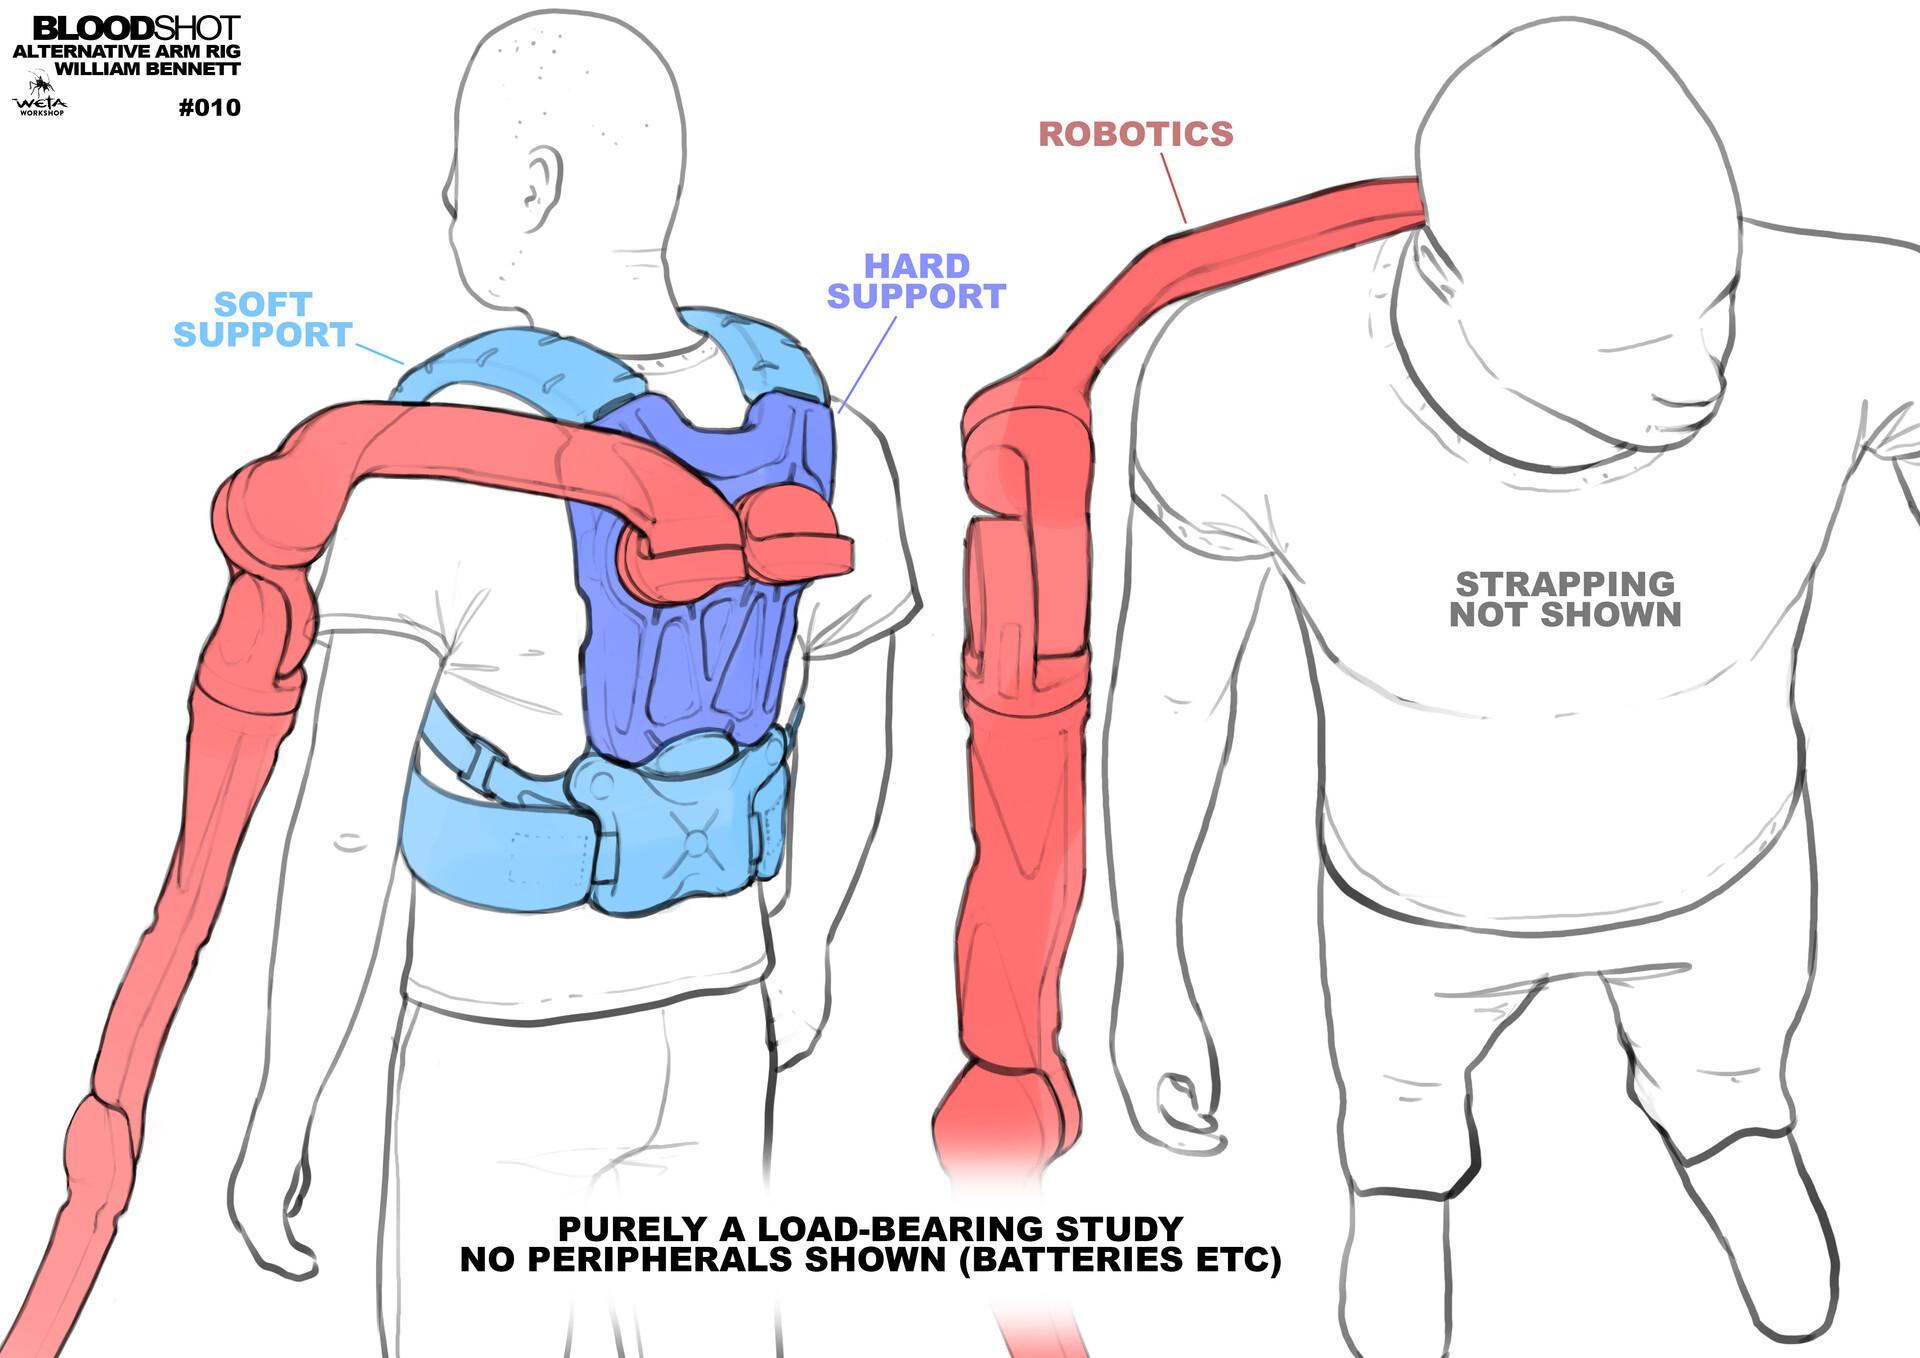 So Long Arm Concept - Artist: William Bennett